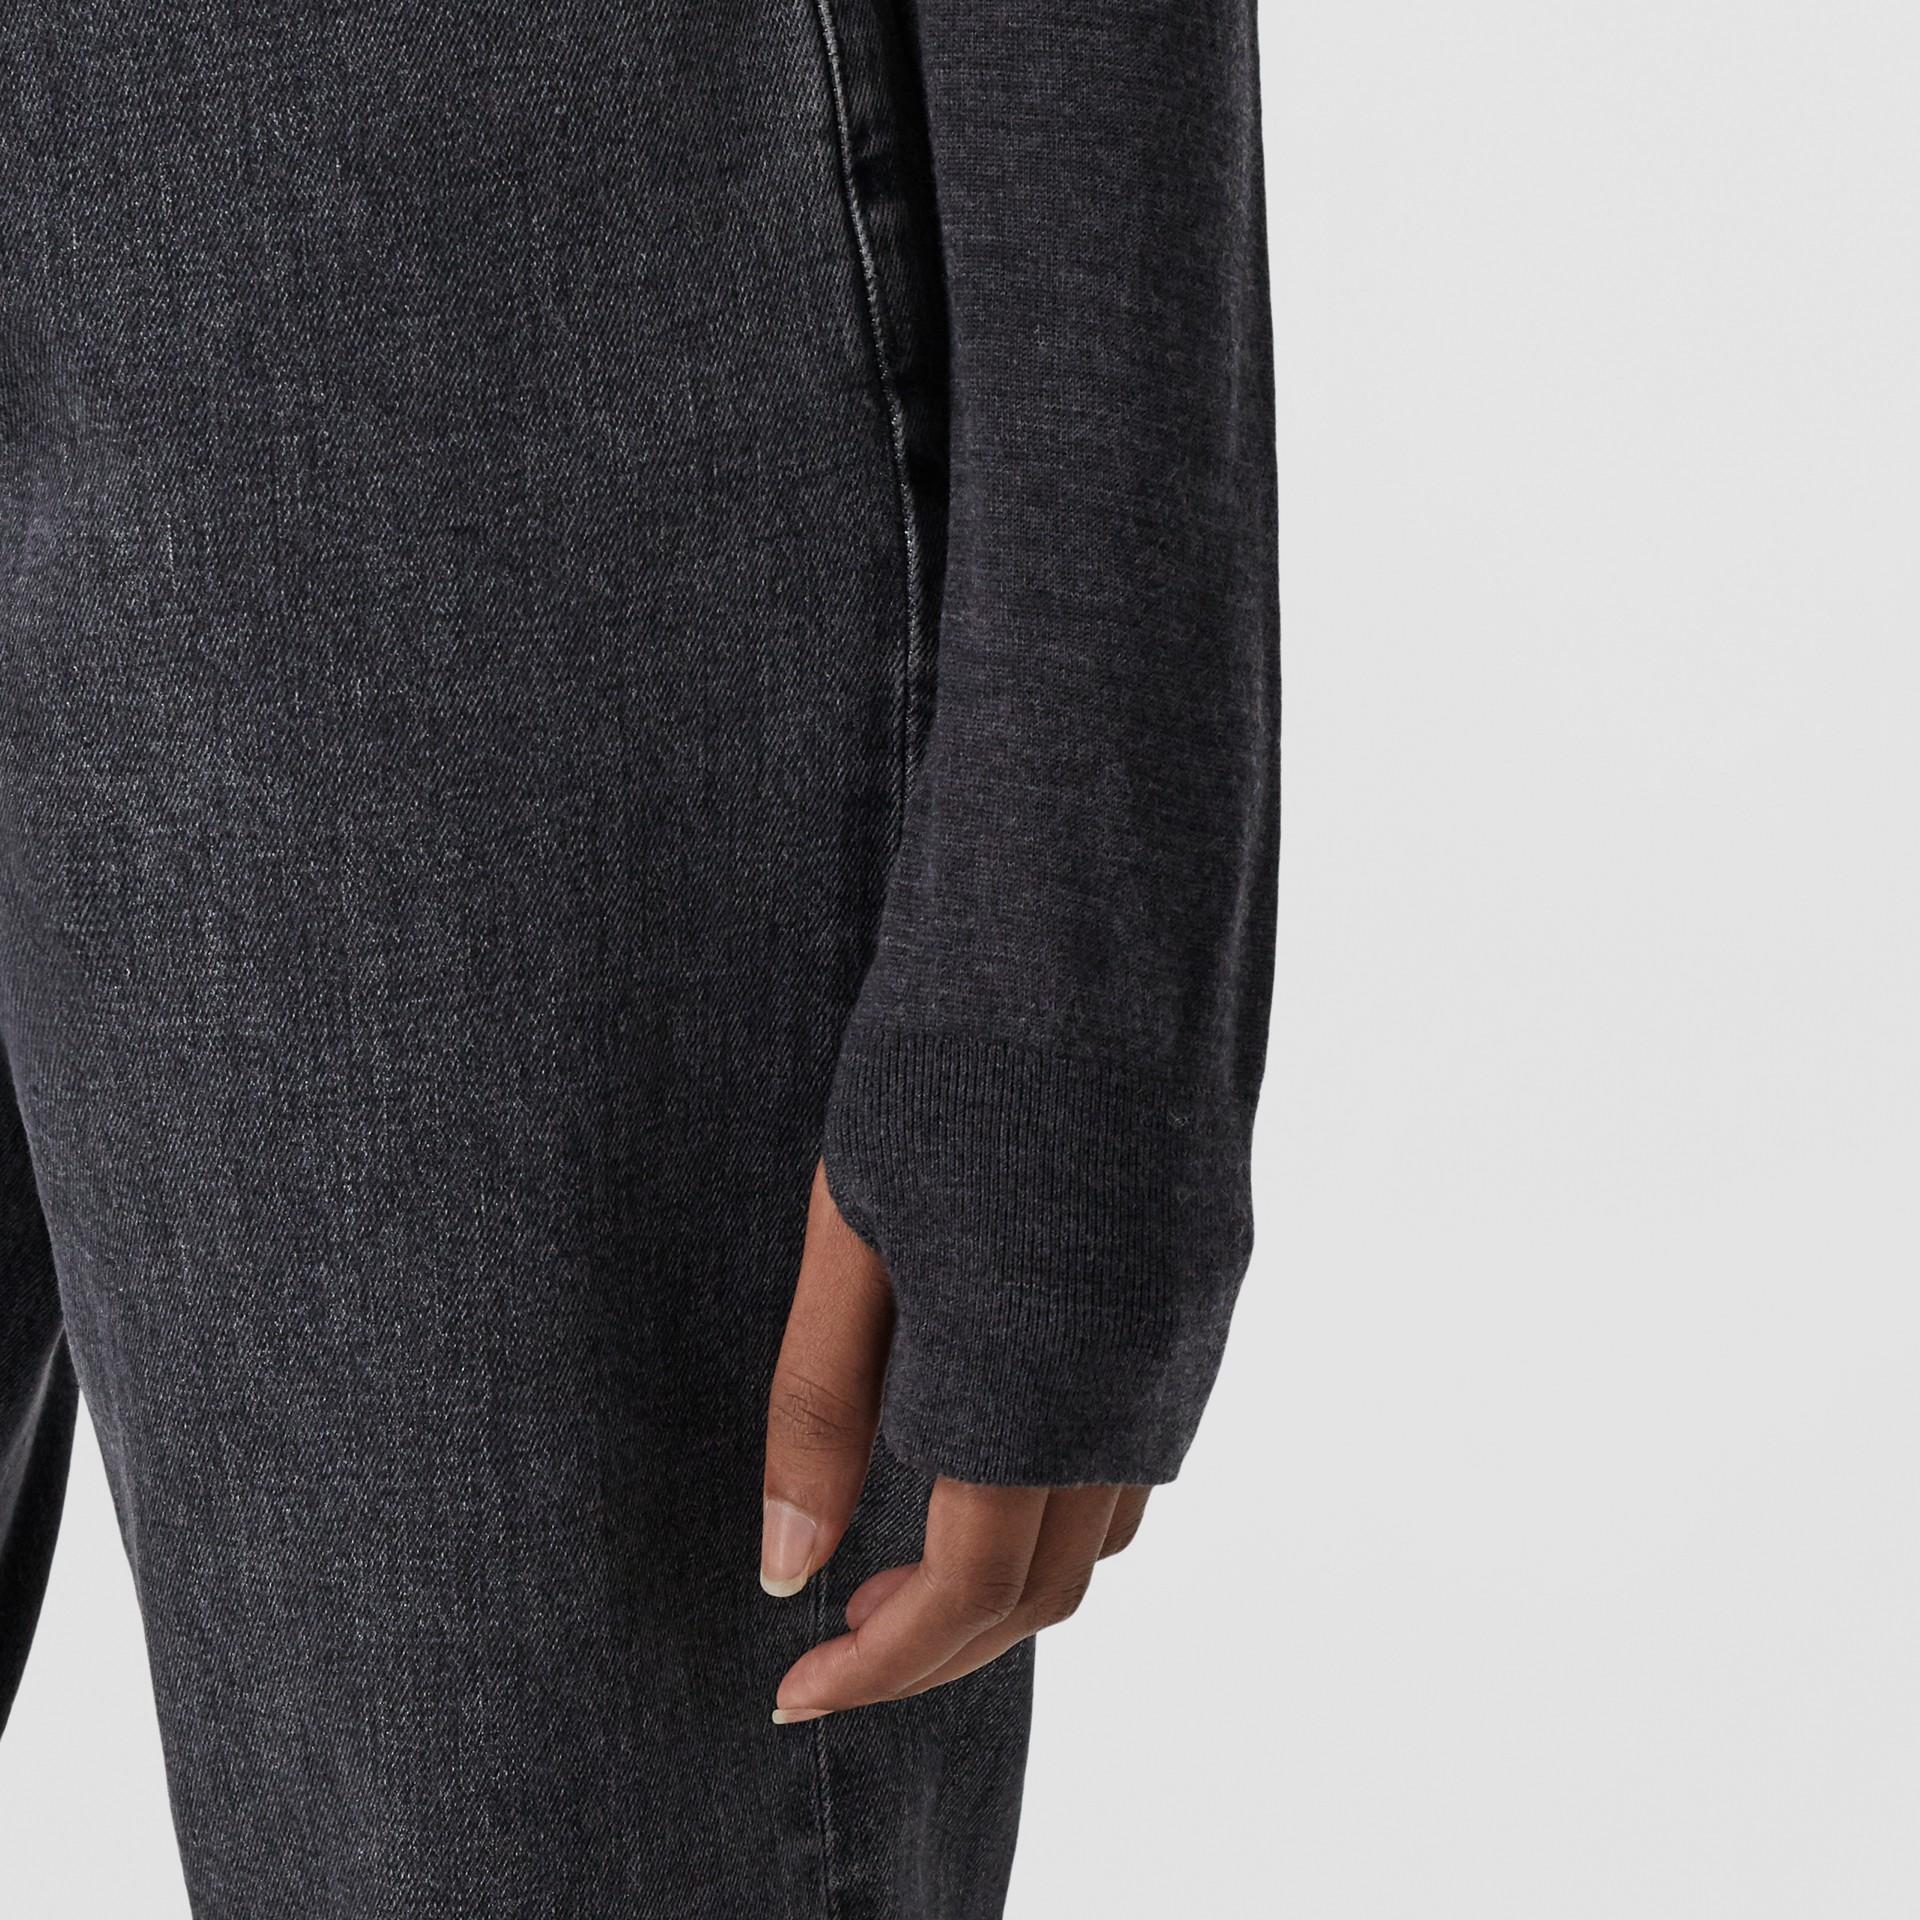 Stripe Detail Merino Wool Hooded Top in Dark Grey Melange - Women | Burberry - gallery image 4